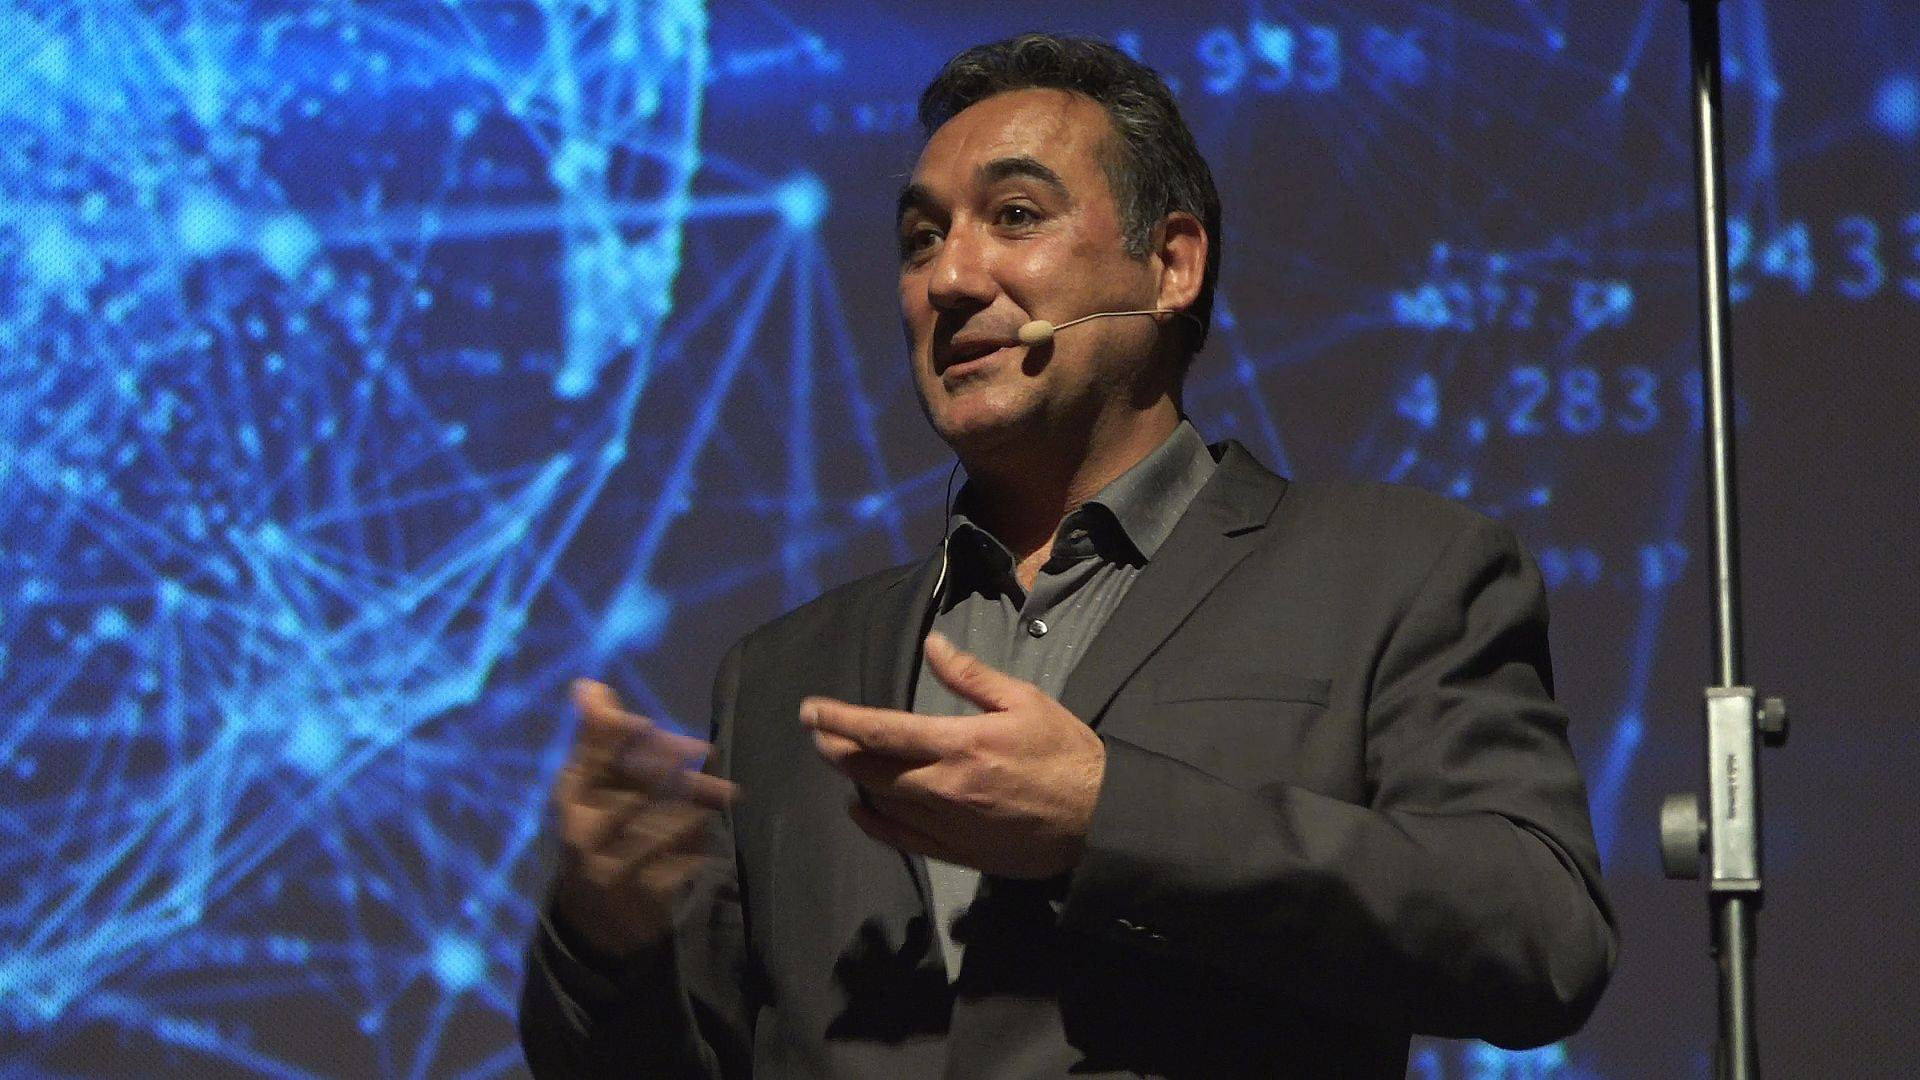 L'expert informàtic Bruno Pérez ofereix a Roses una xerrada sobre smartcities i vigilància digital